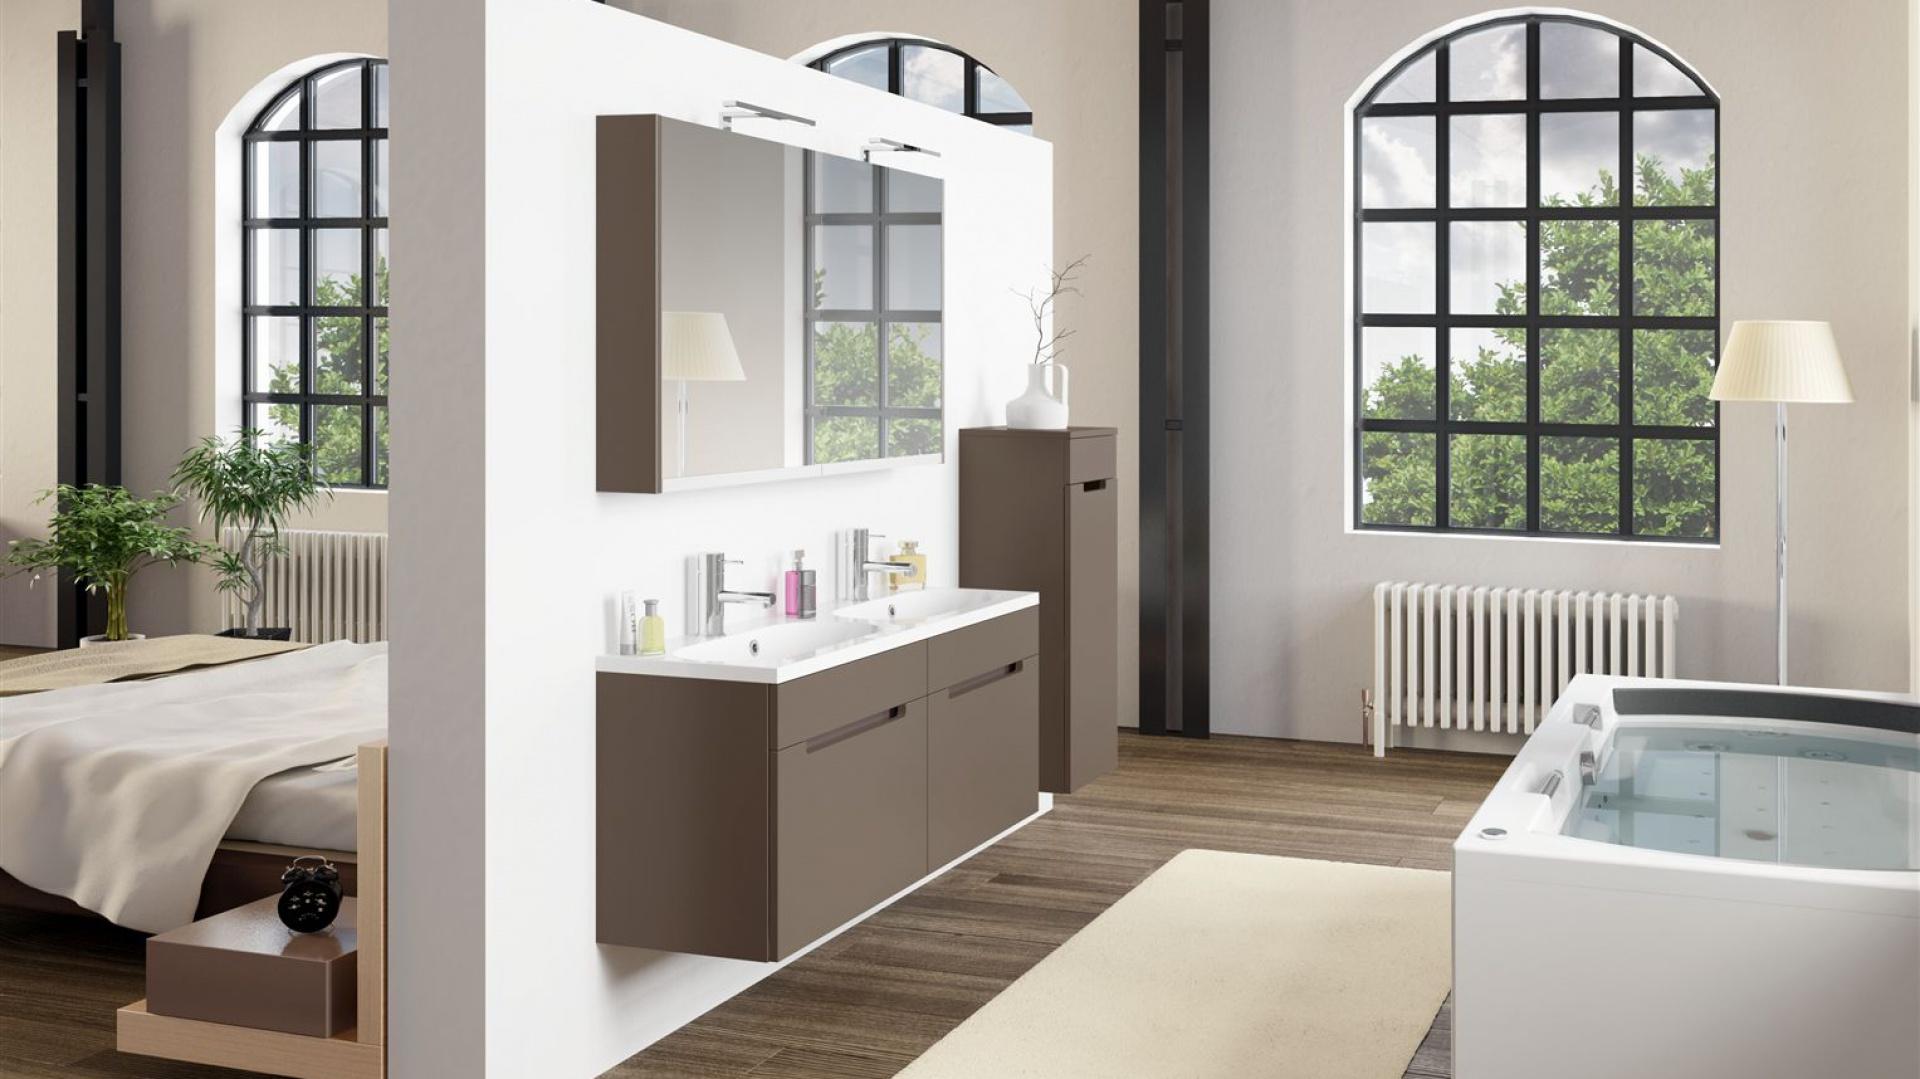 Pomysł na łazienkę połączoną z sypialnią. Na zdjęciu: wanna z hydromasażem Lisa z serii Thermae Line marki Riho, wymiary 180x90 cm. Fot. Riho.